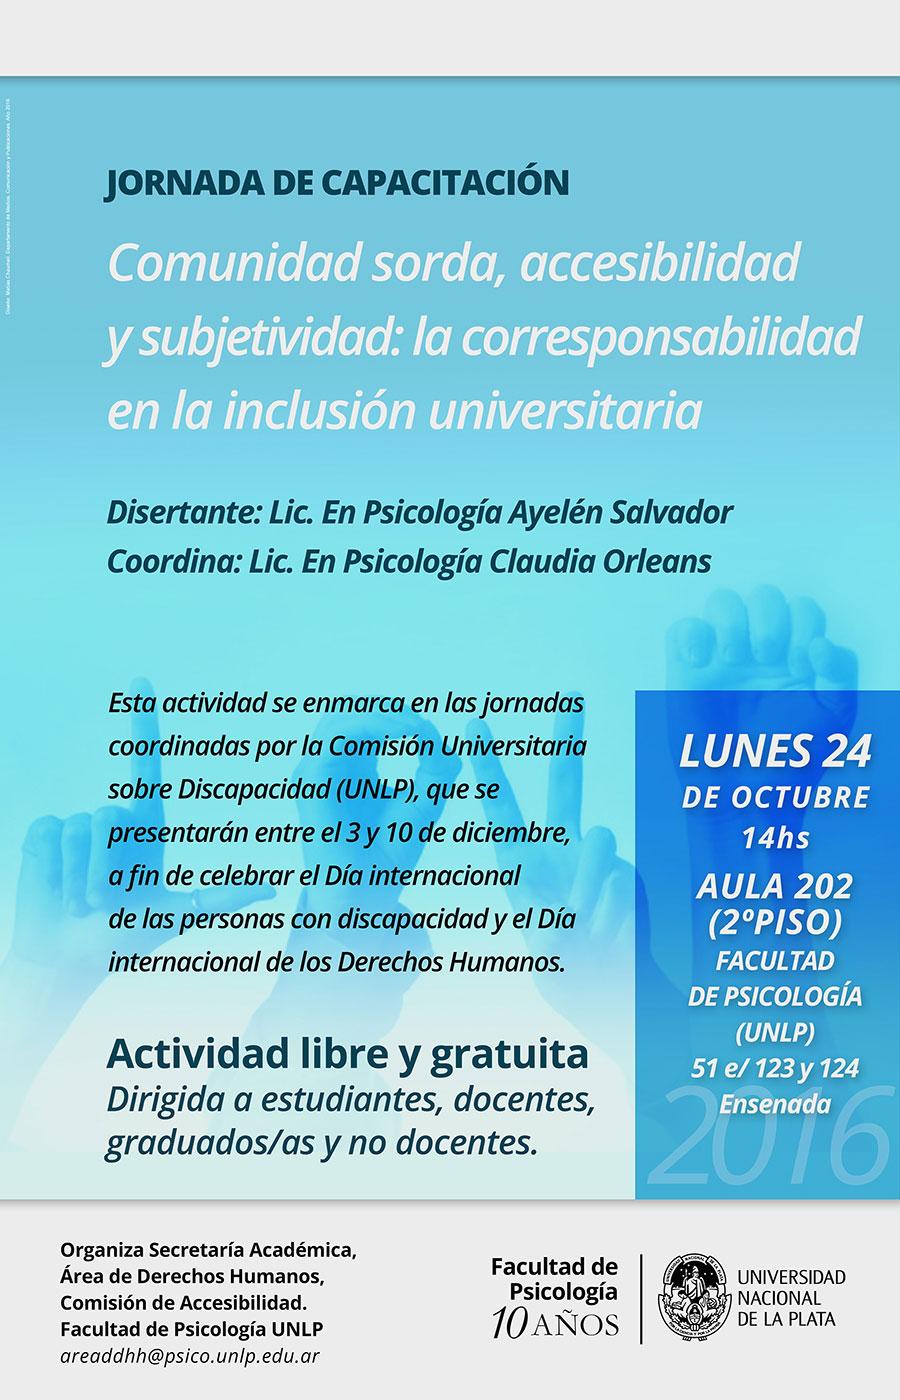 Poster Comunidad sorda, accesibilidad y subjetividad